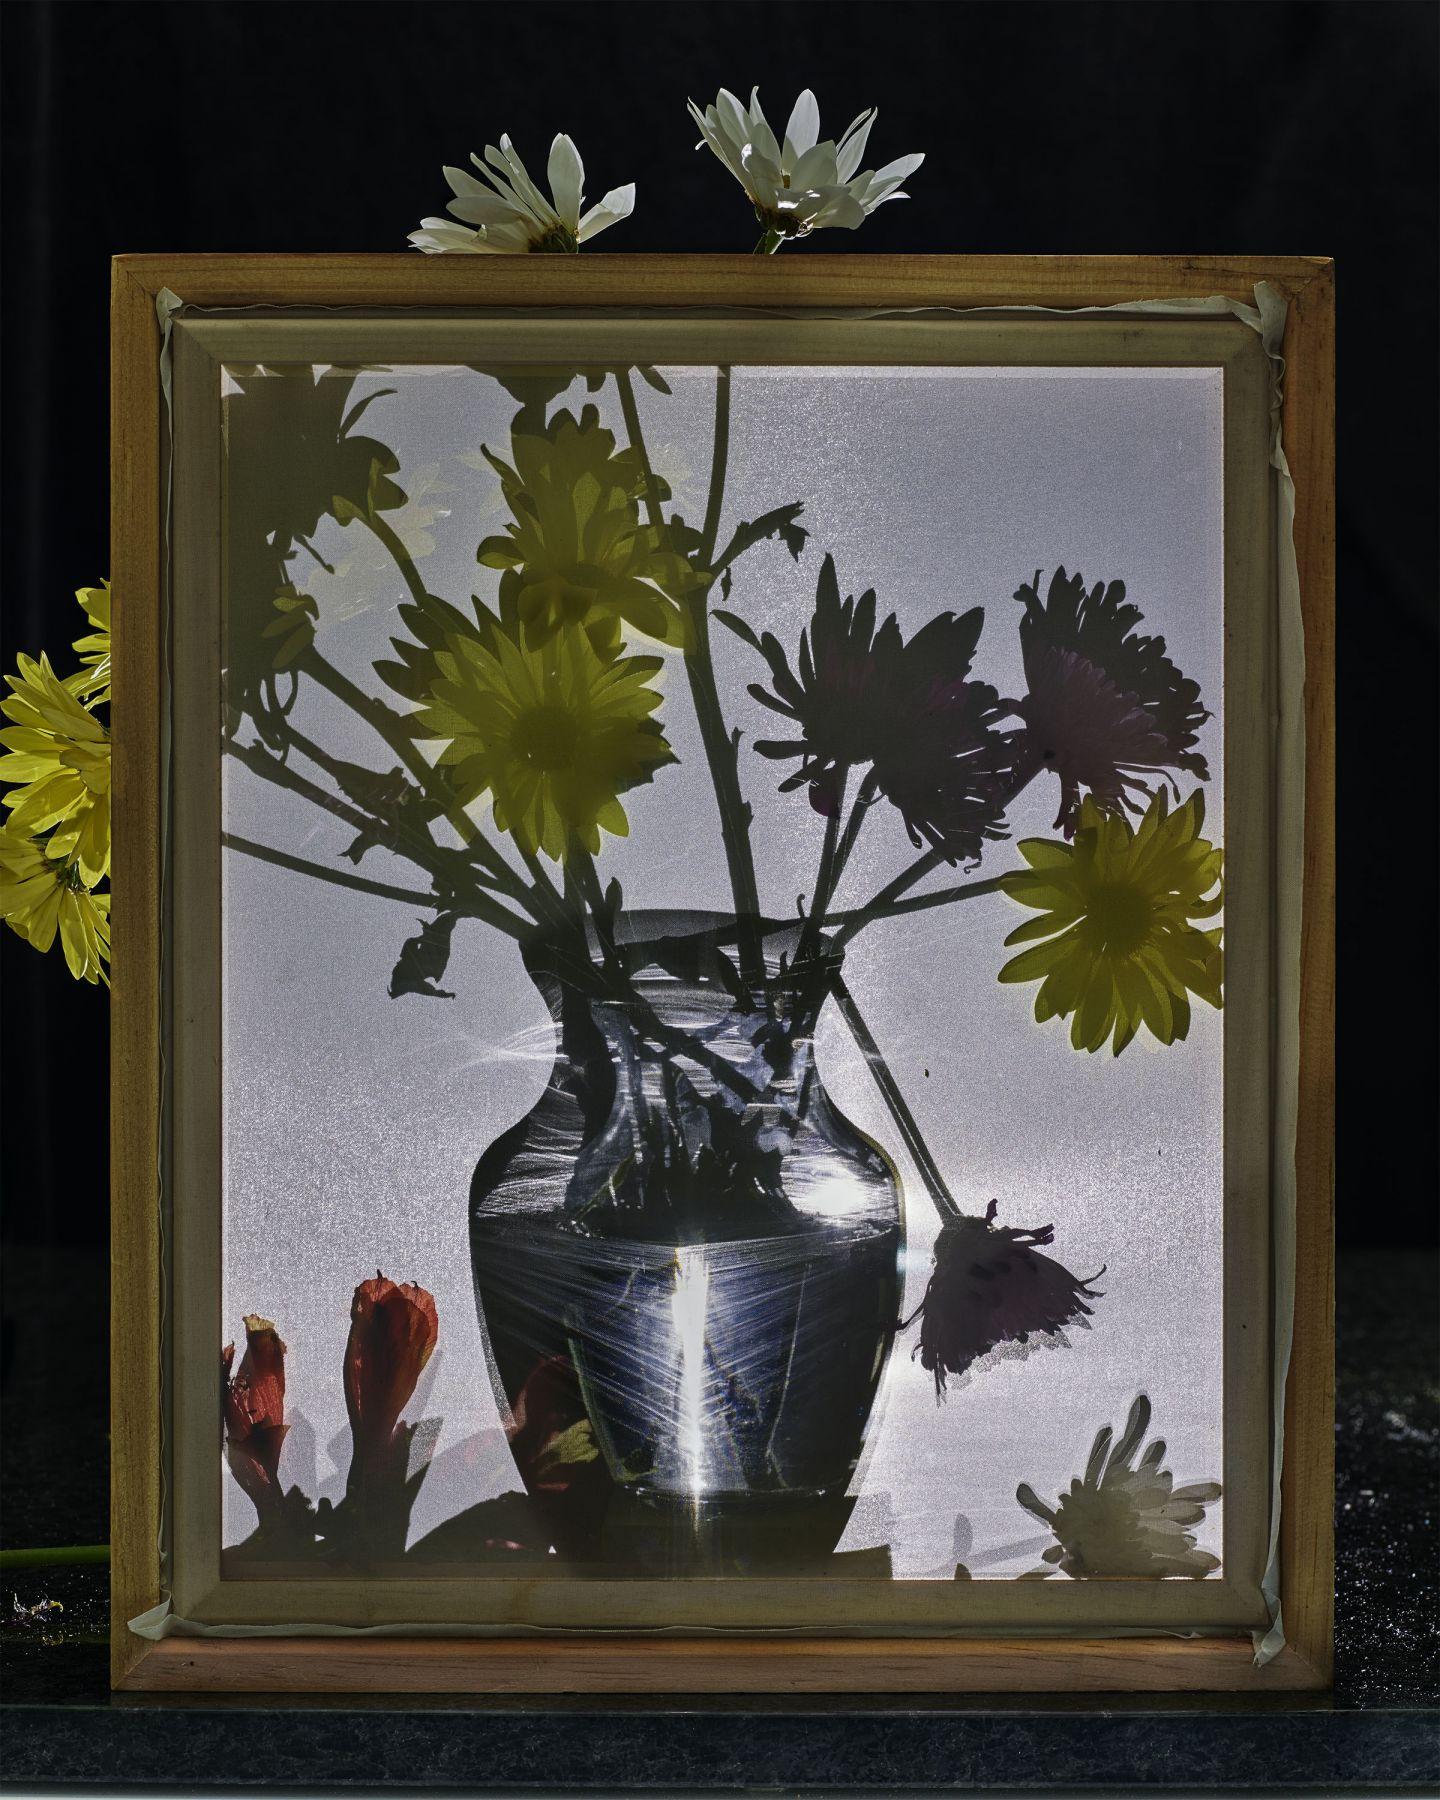 abelardo morell Flowers for Lisa #19, 2016